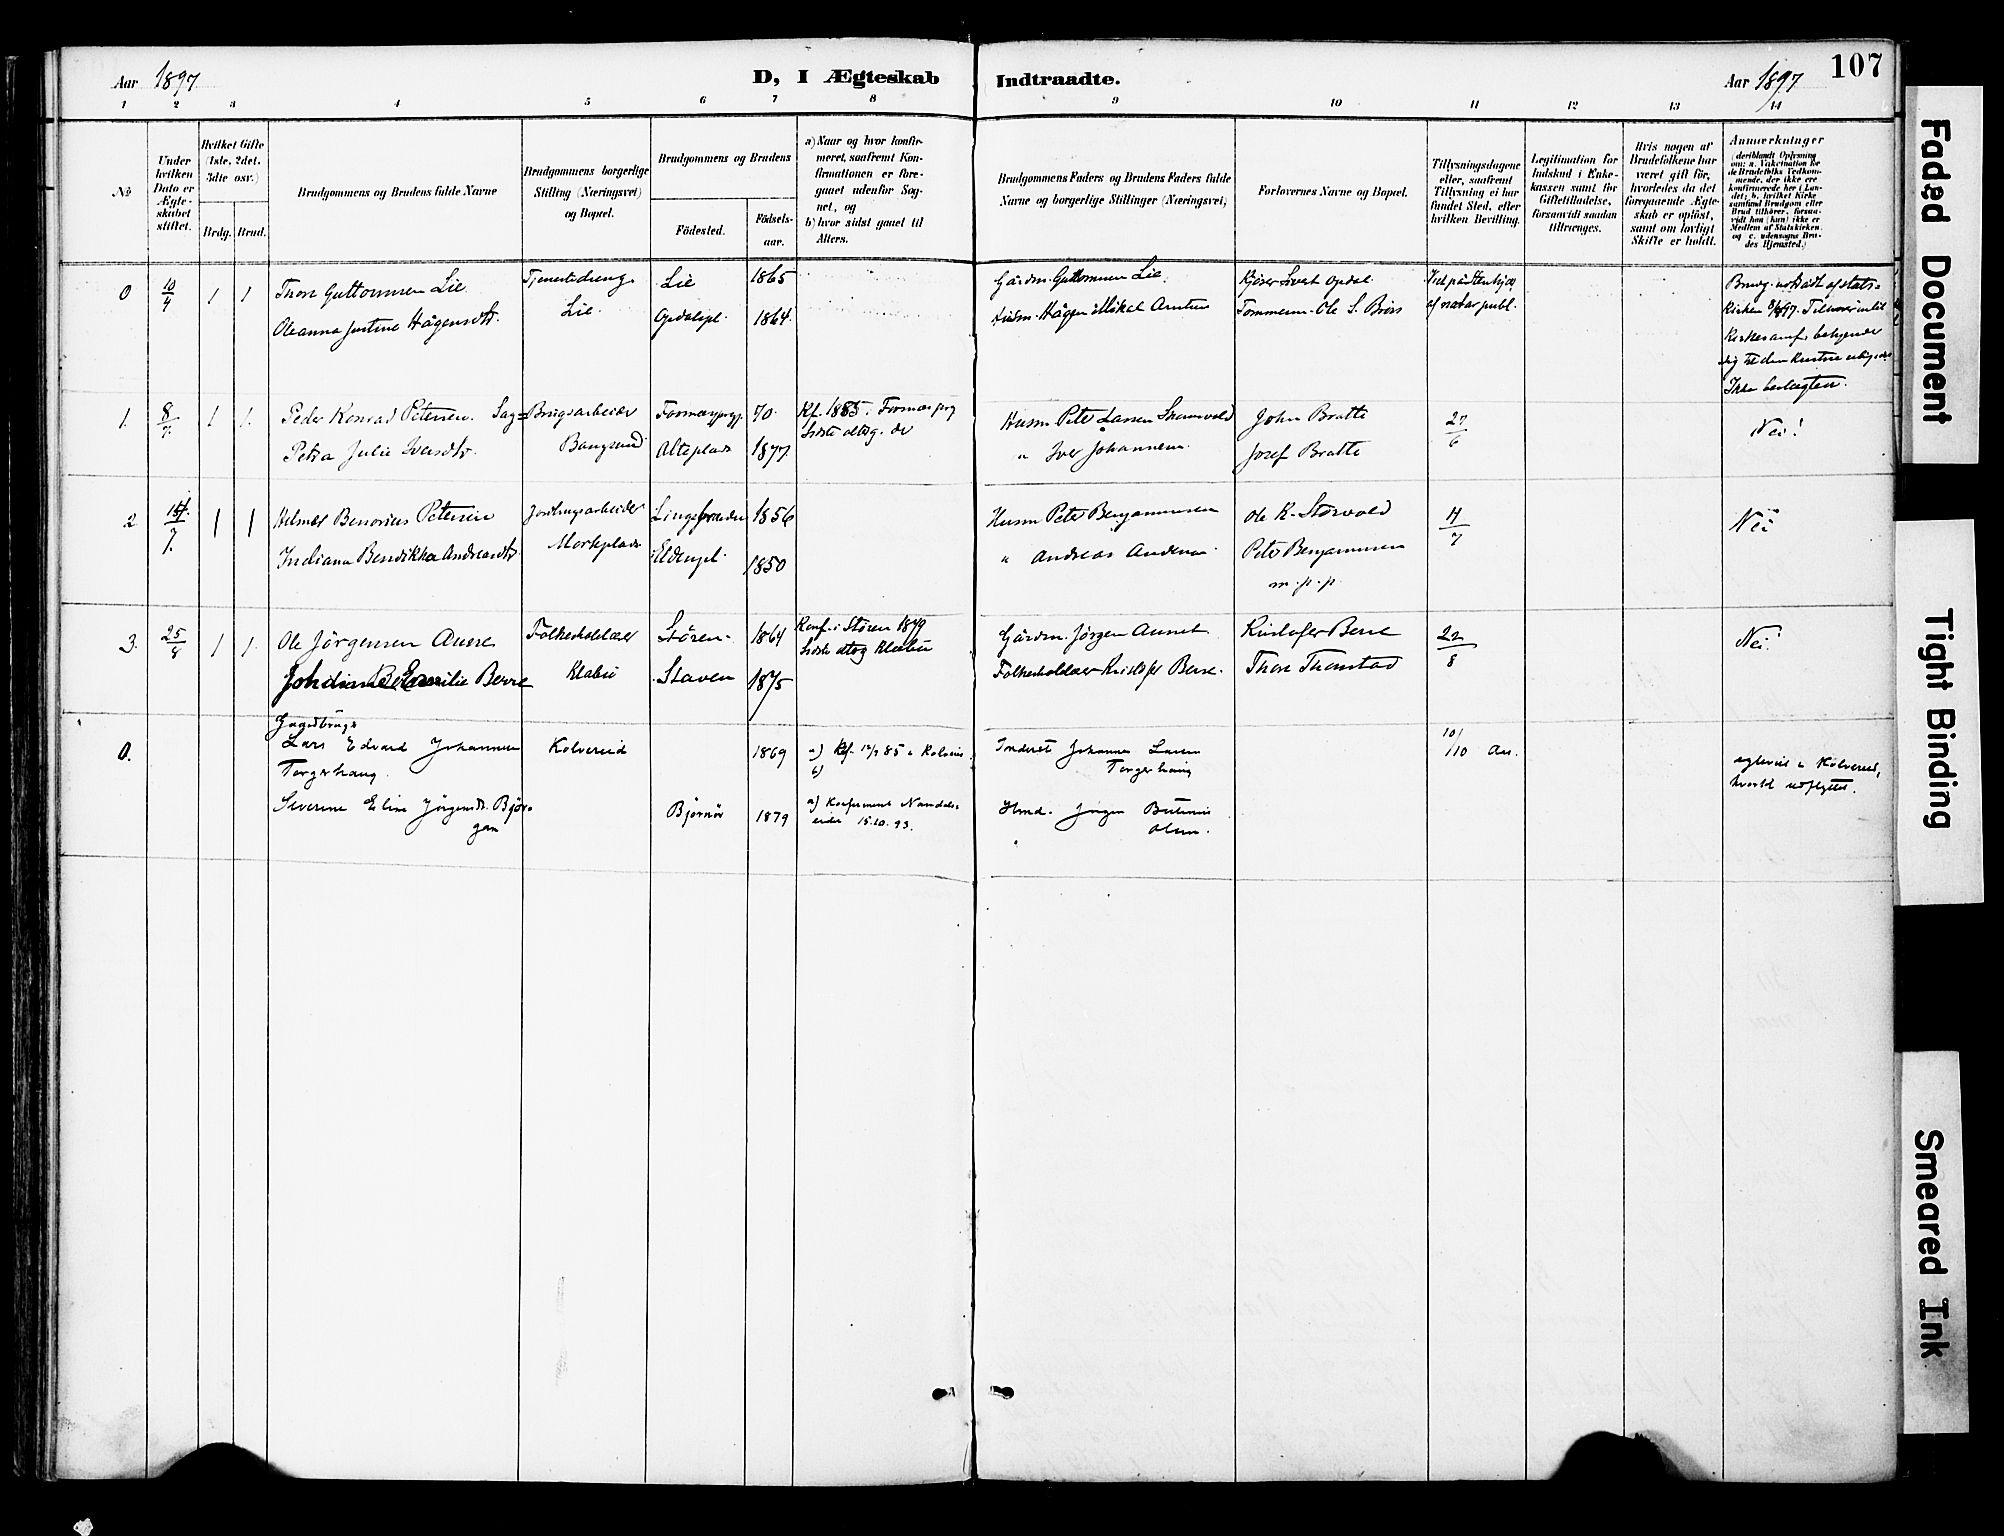 SAT, Ministerialprotokoller, klokkerbøker og fødselsregistre - Nord-Trøndelag, 742/L0409: Ministerialbok nr. 742A02, 1891-1905, s. 107